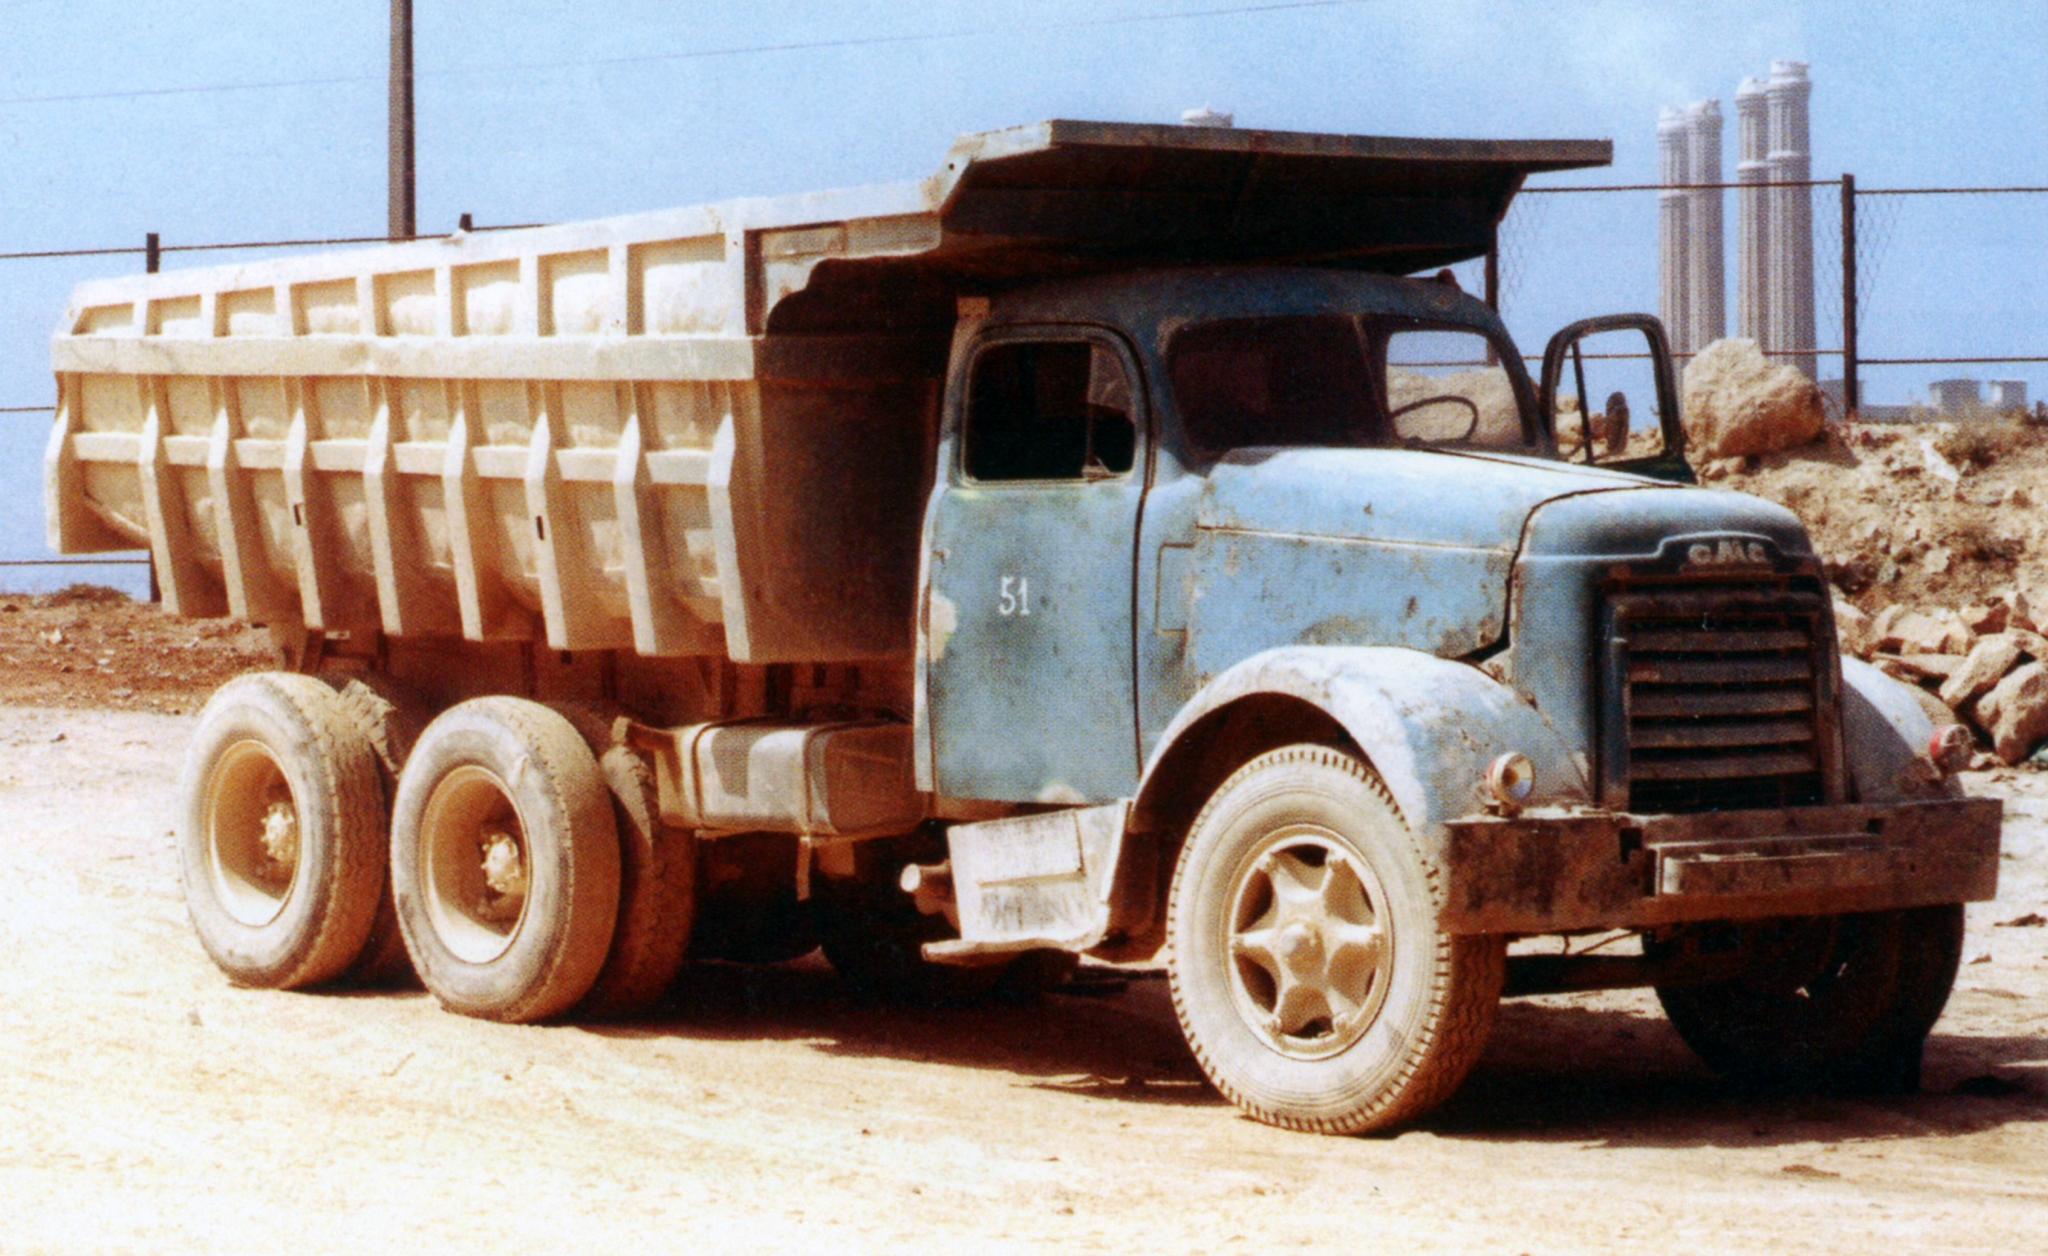 Transport Routier au Maroc - Histoire - Page 2 49880482011_8086010c4c_o_d